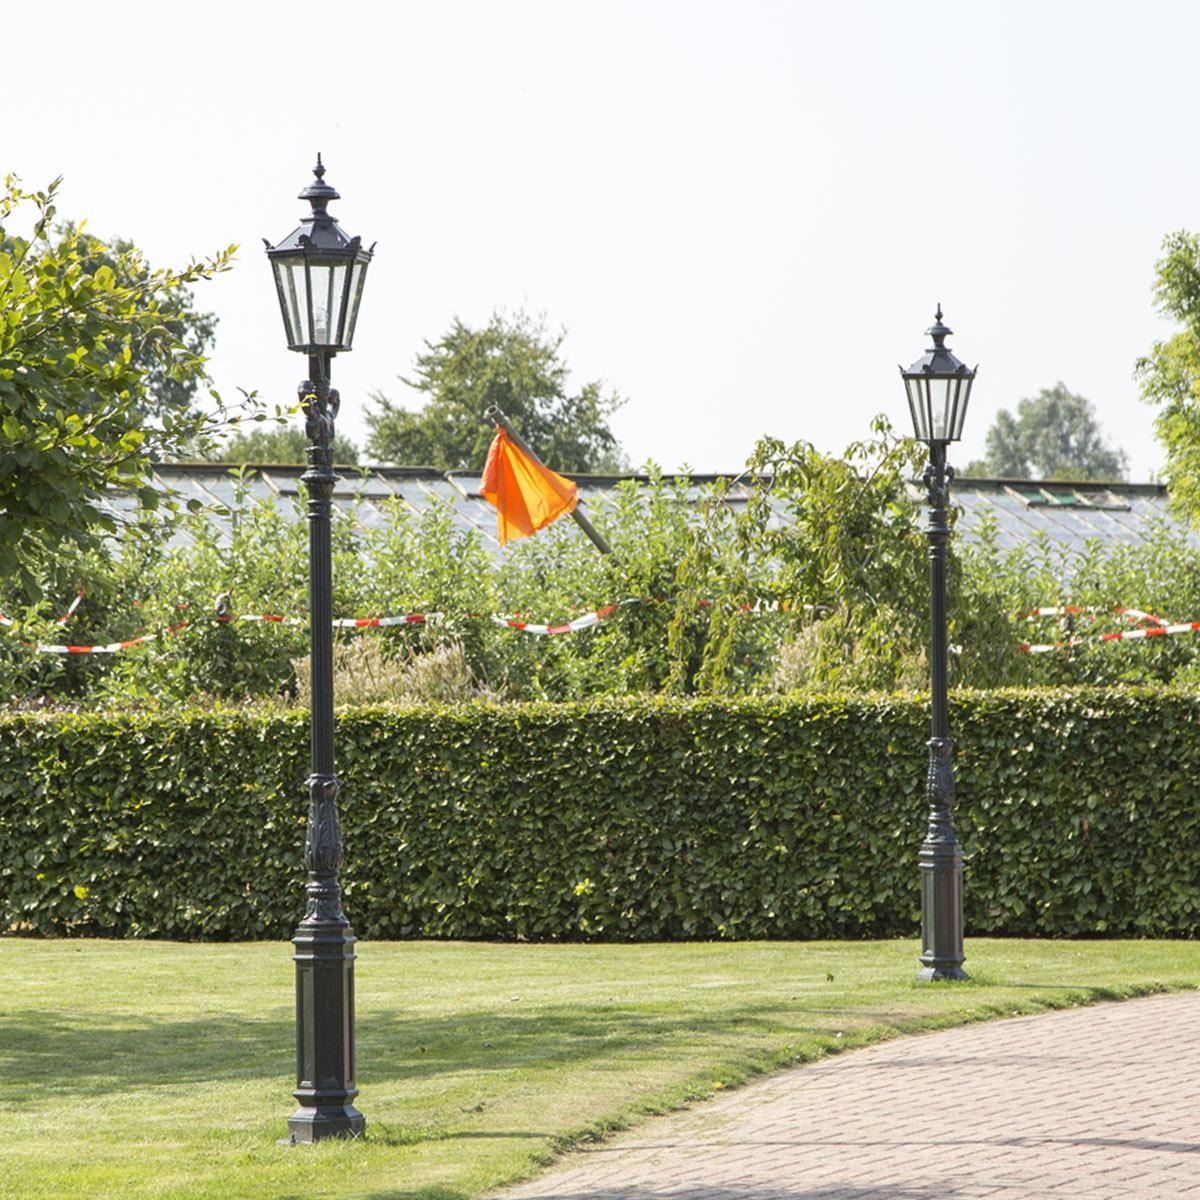 Historische Außenlaterne Gartenlampe Klassische Gartenlaterne Magdeburg